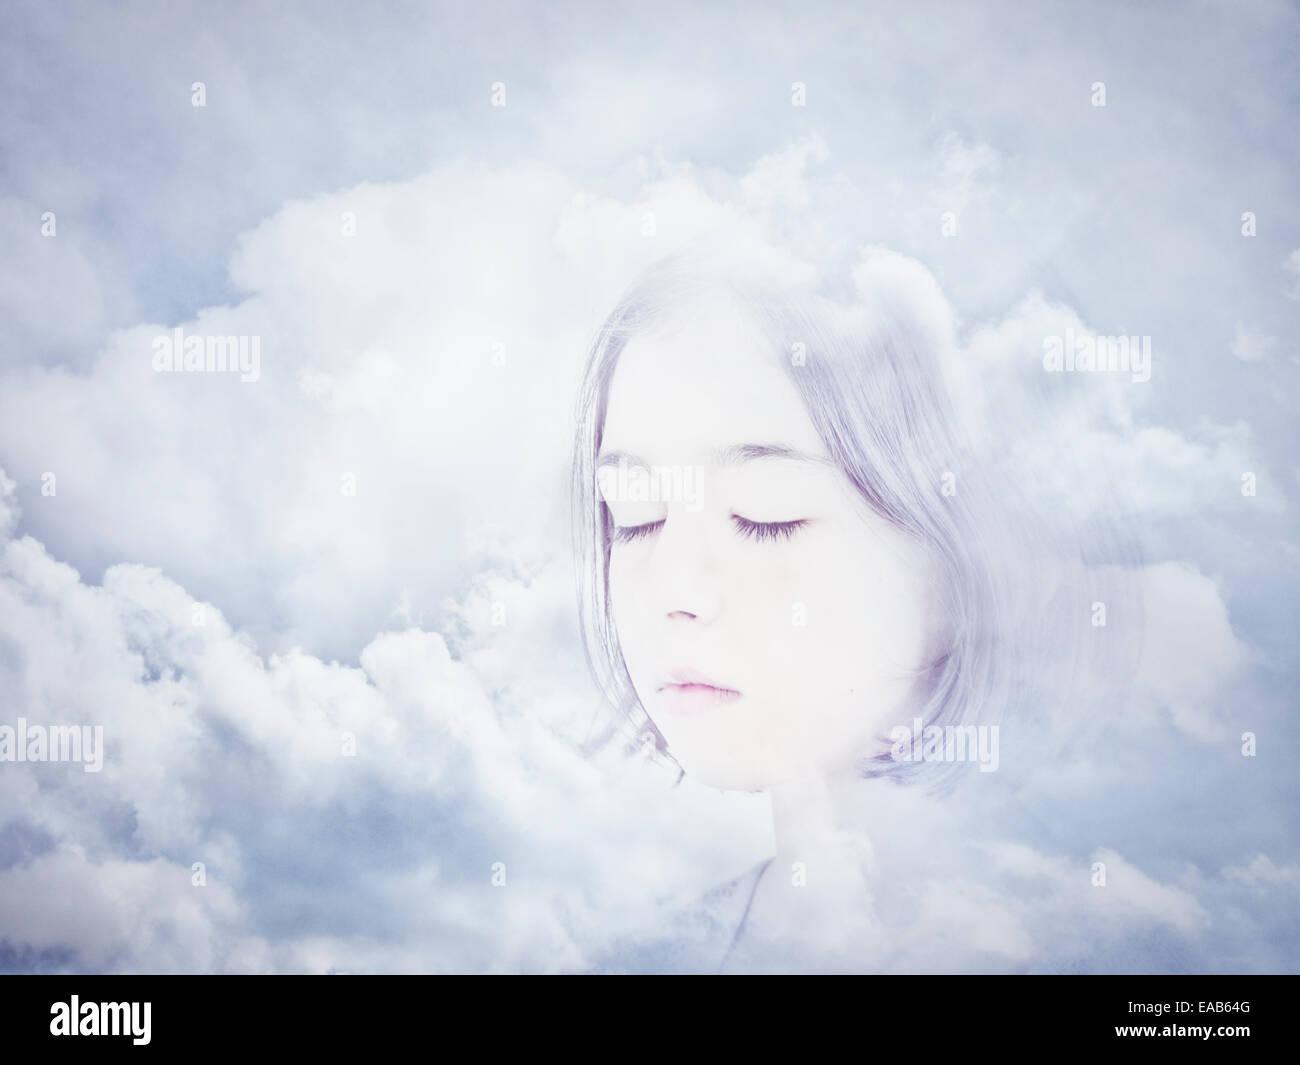 Visage dans les nuages. Composite numérique. Banque D'Images